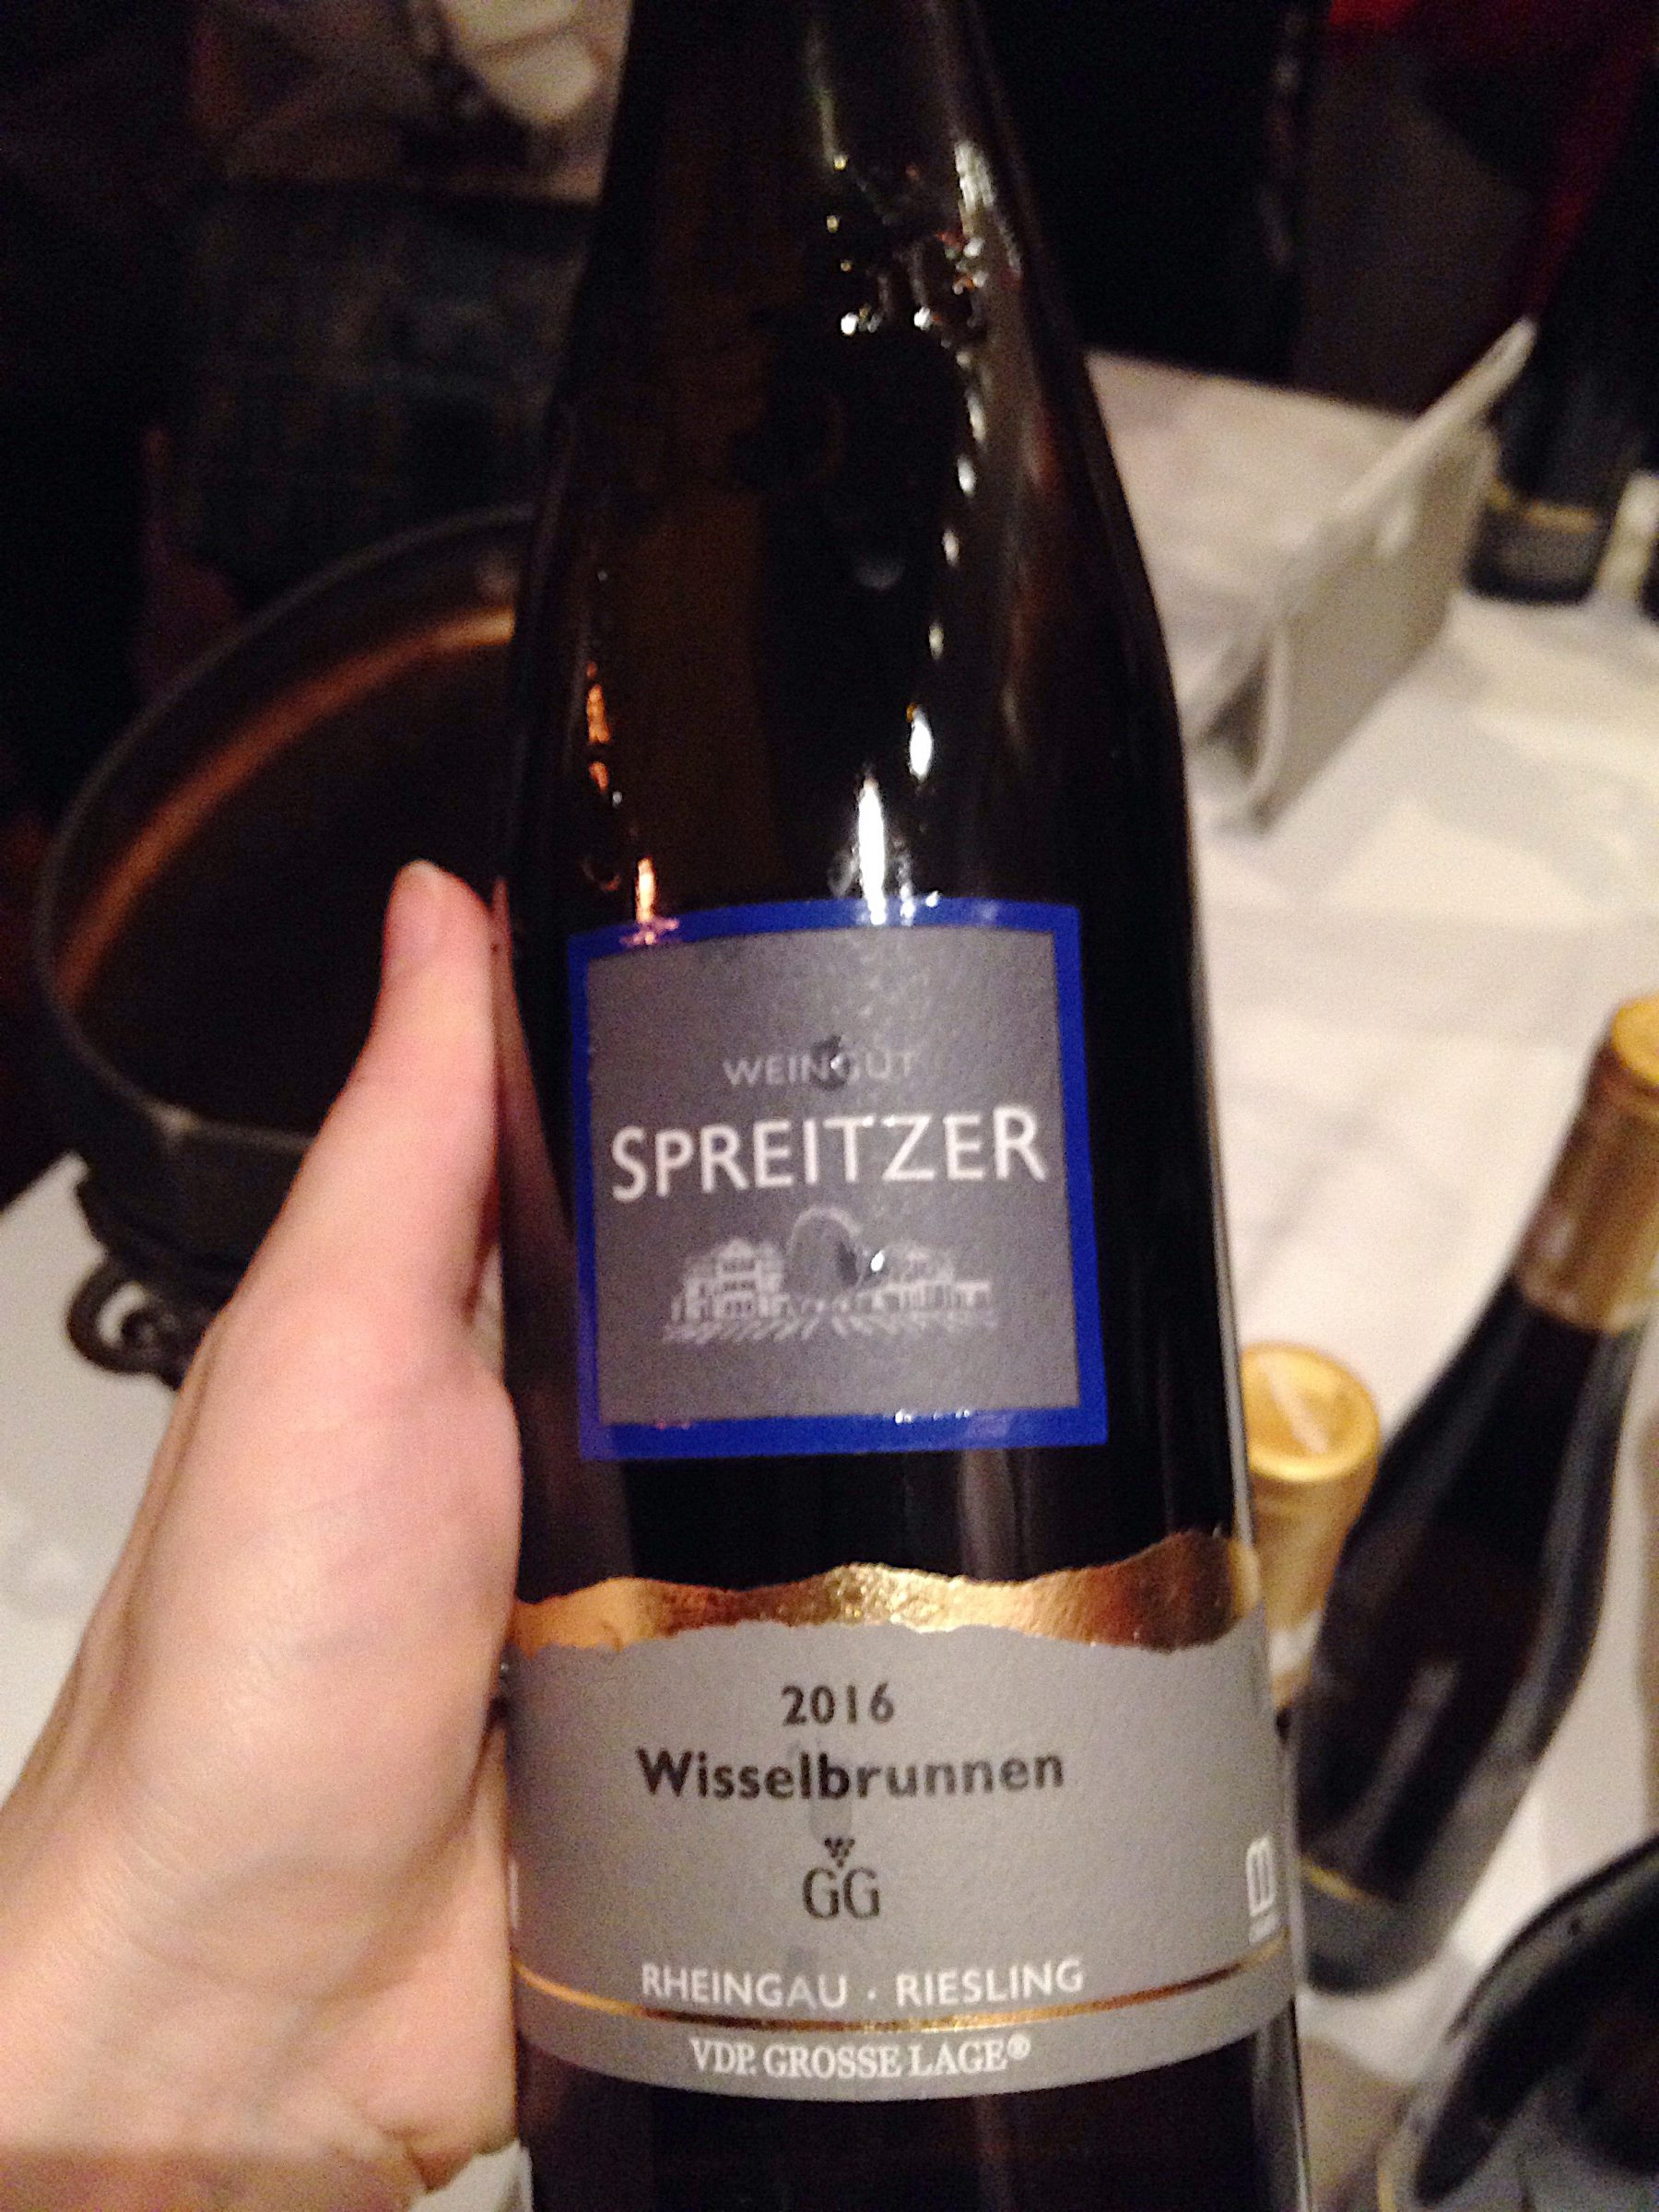 Spreitzer, Rheingau